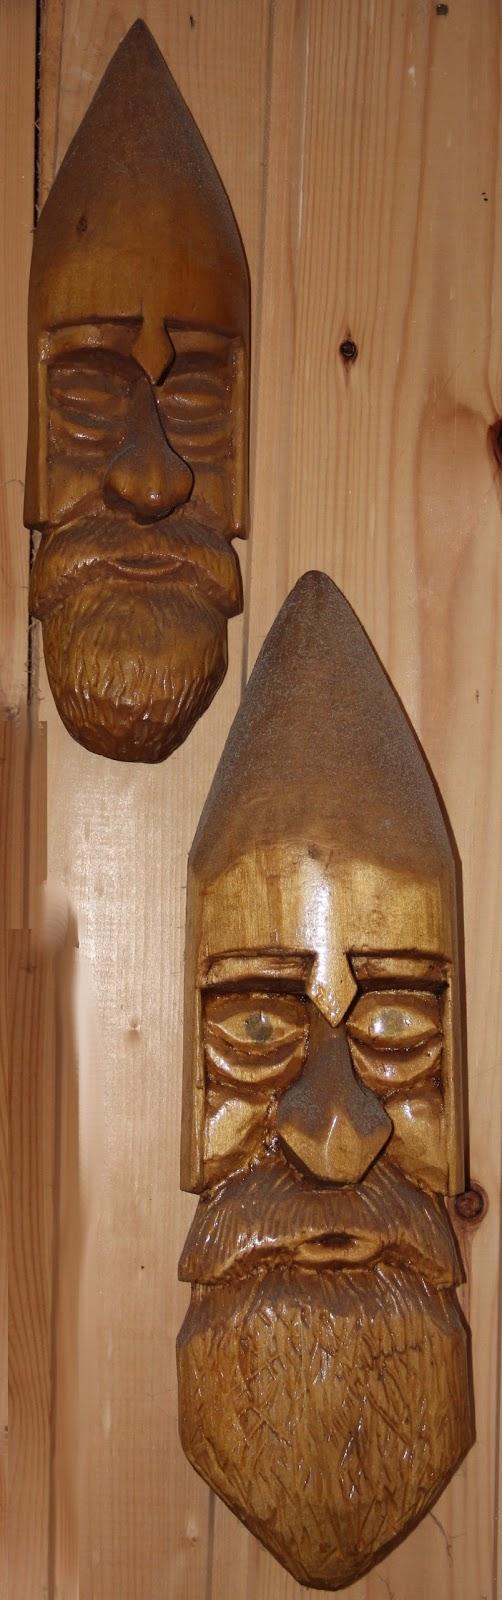 Резьба по дереву. Деревянные маски